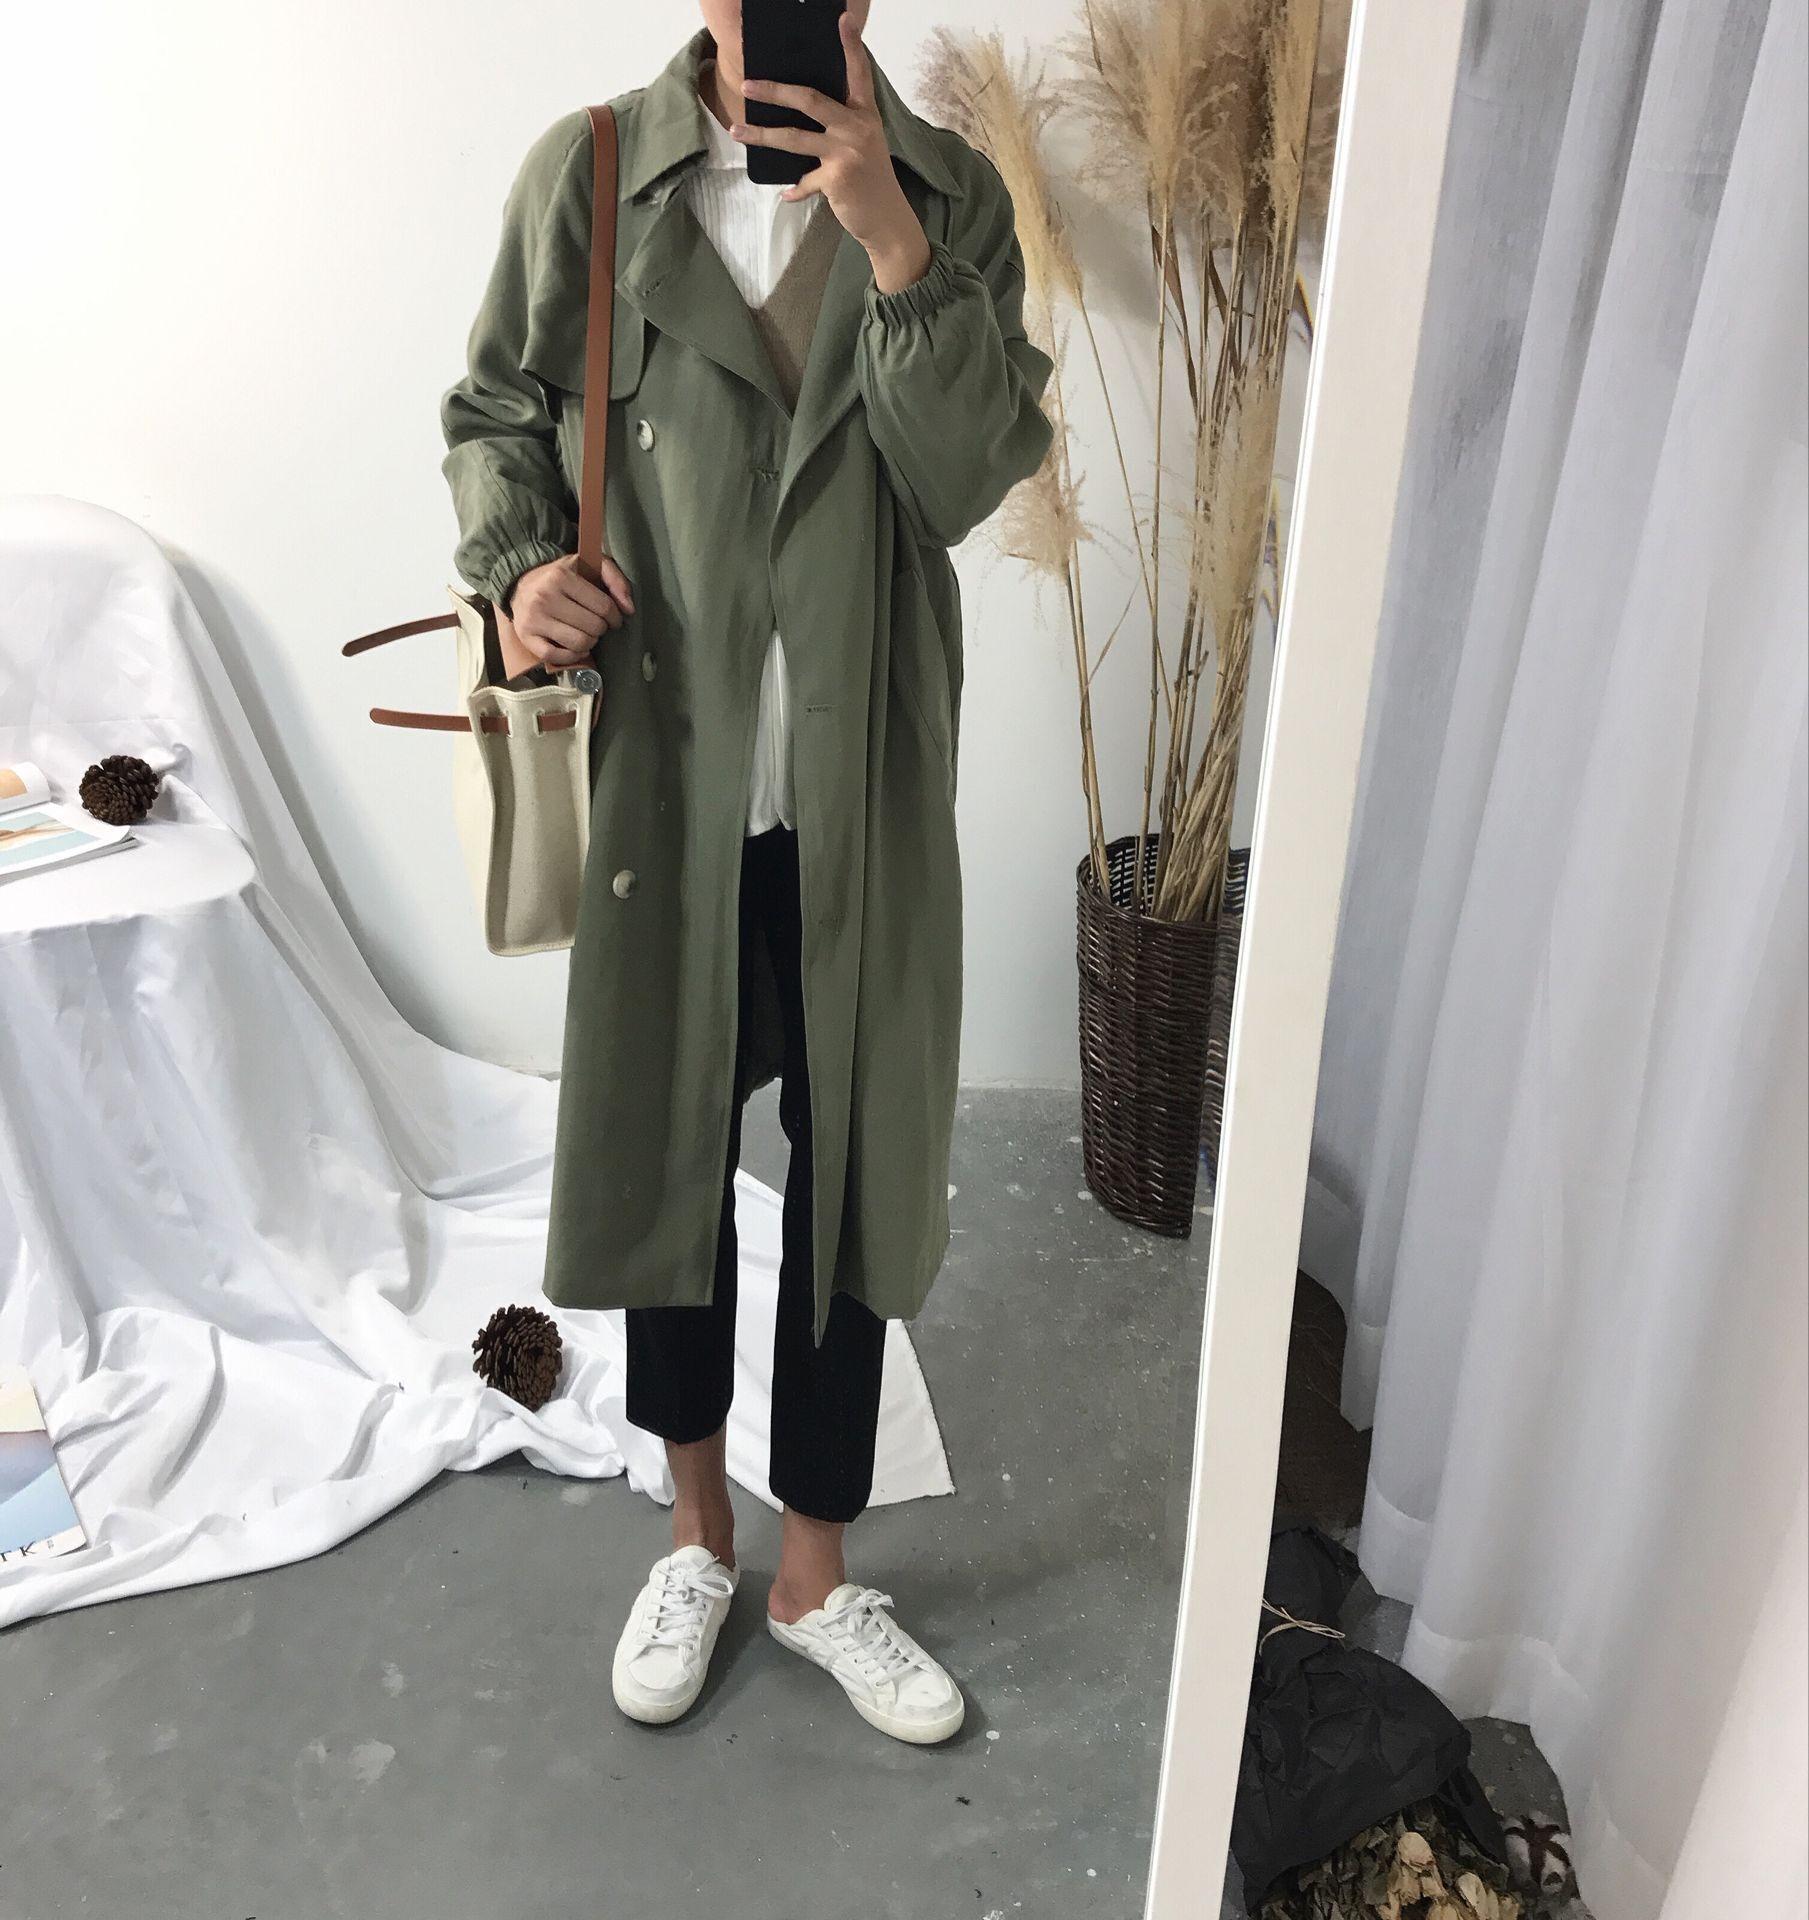 阿茶与阿古自制款垂感军绿色斜纹收口风衣